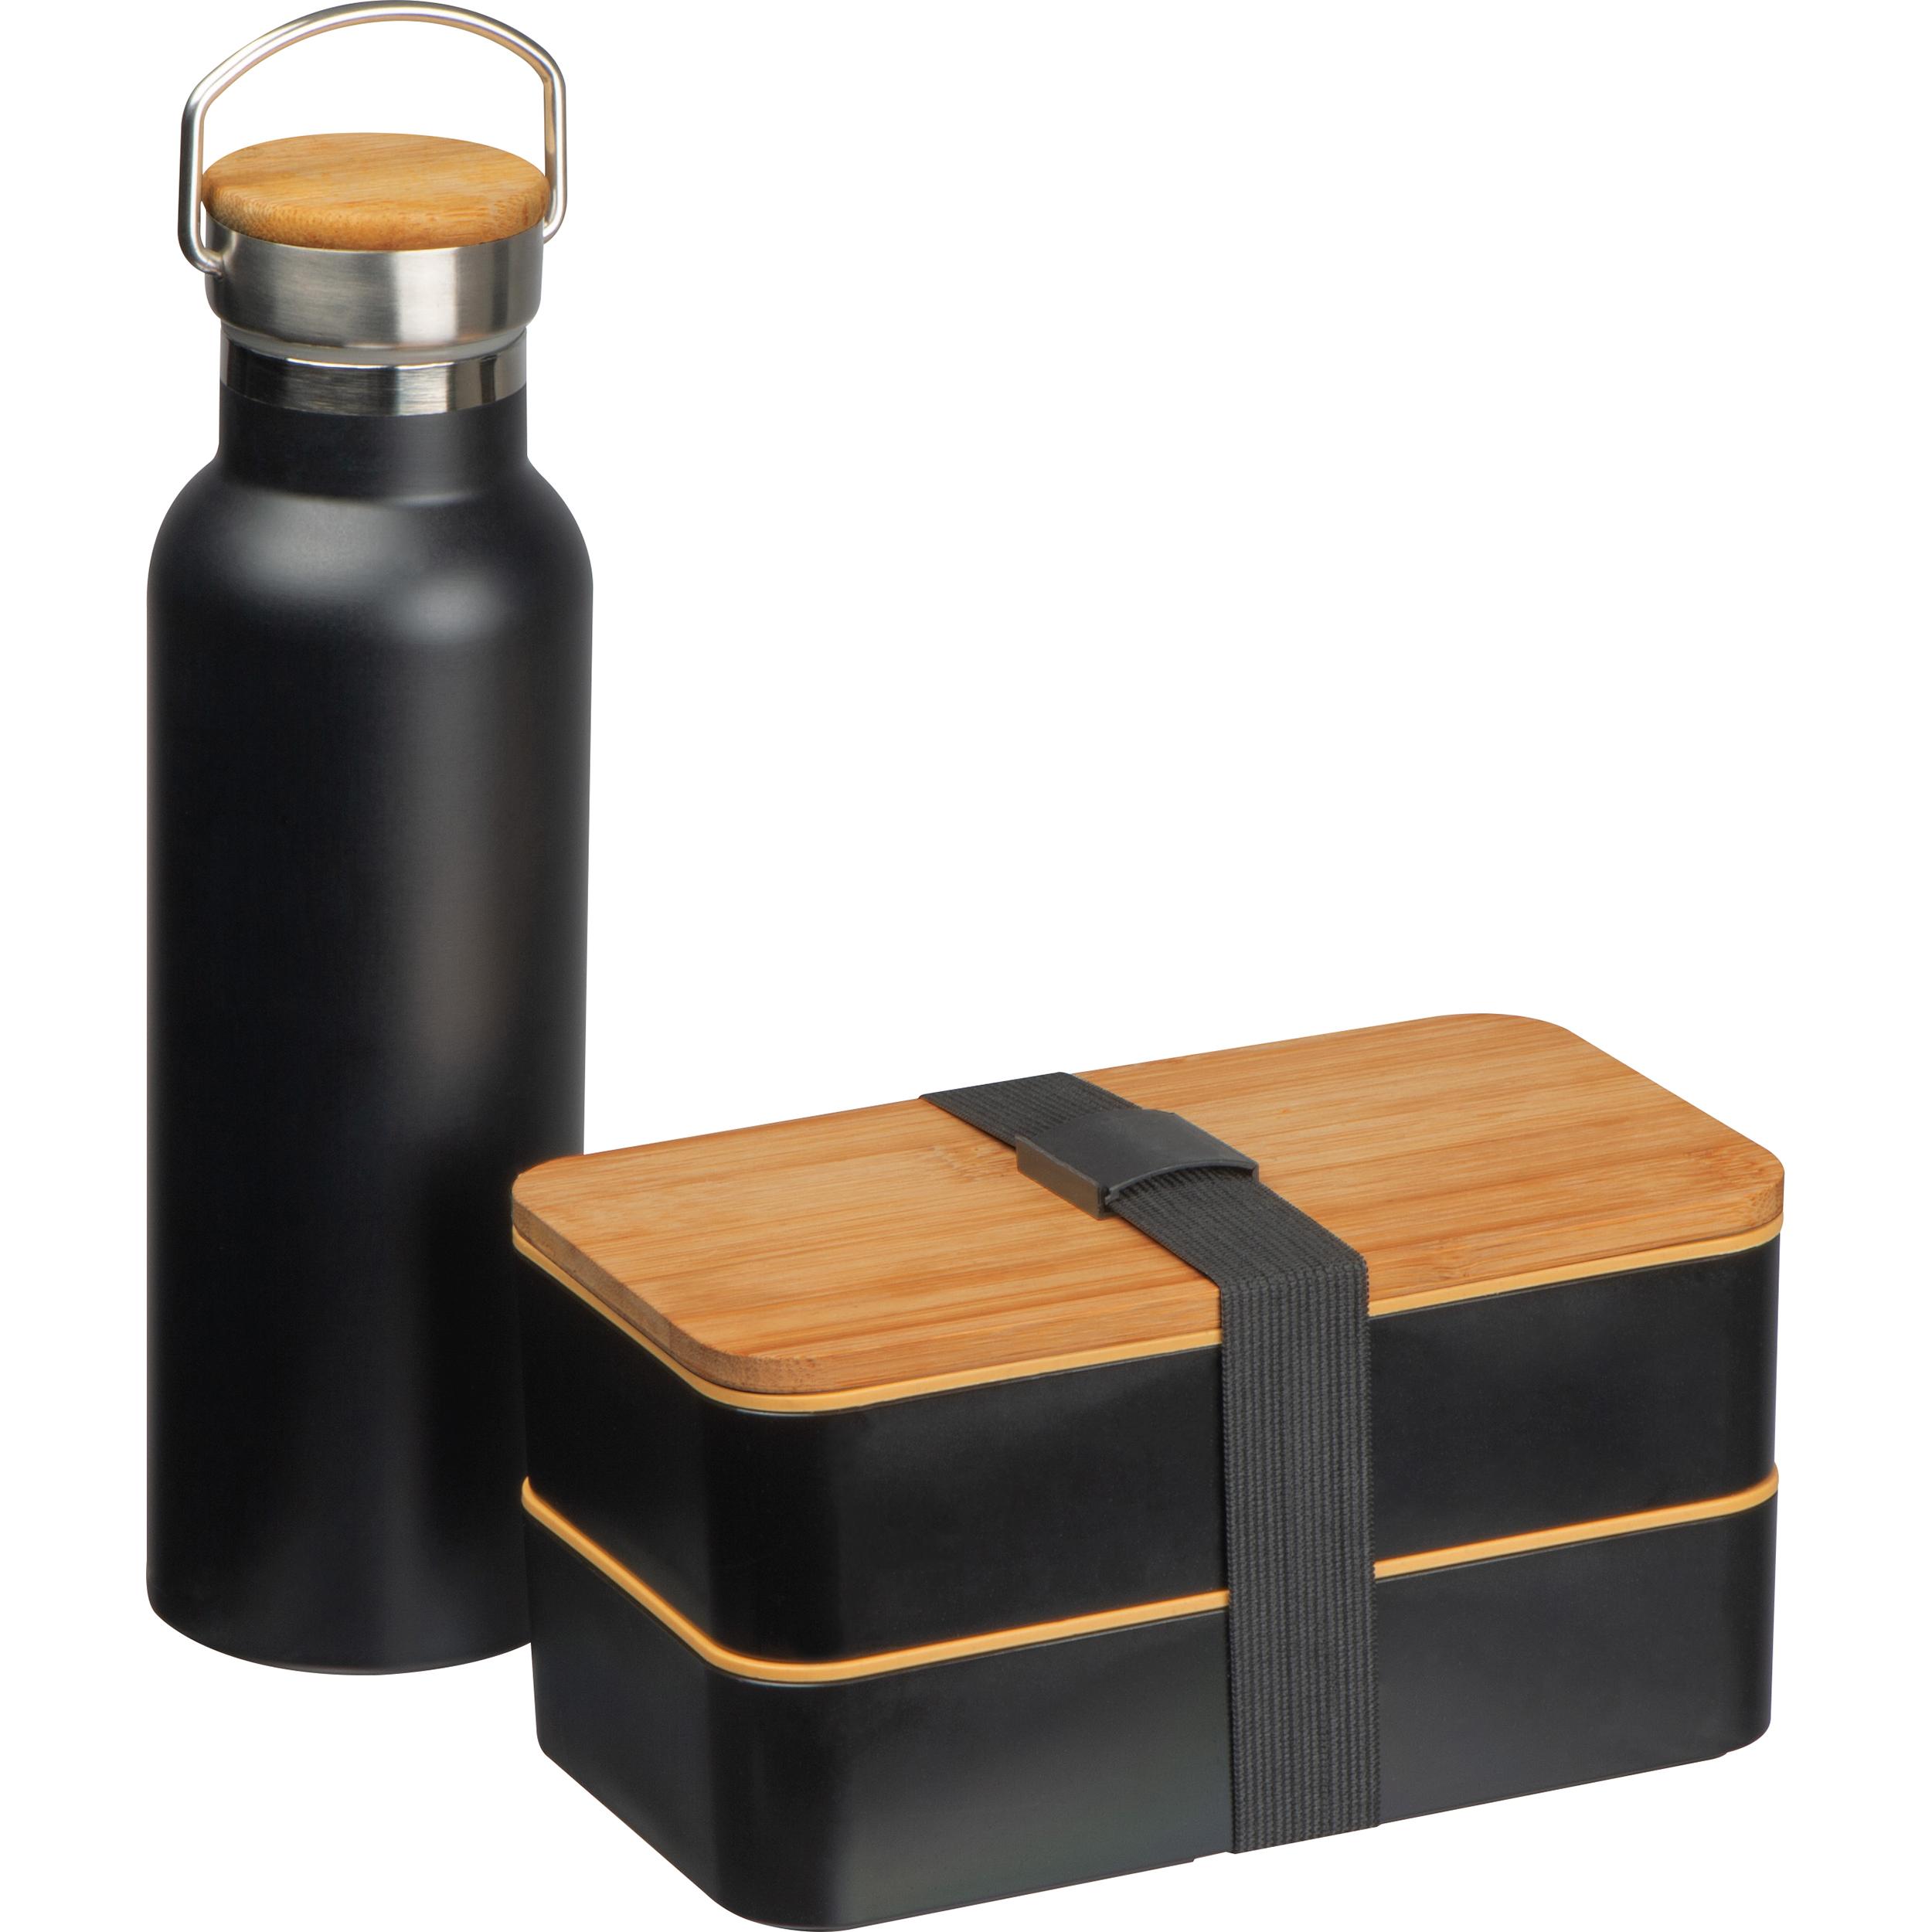 Ensemble de la boîte à lunch et de la bouteille d'eau